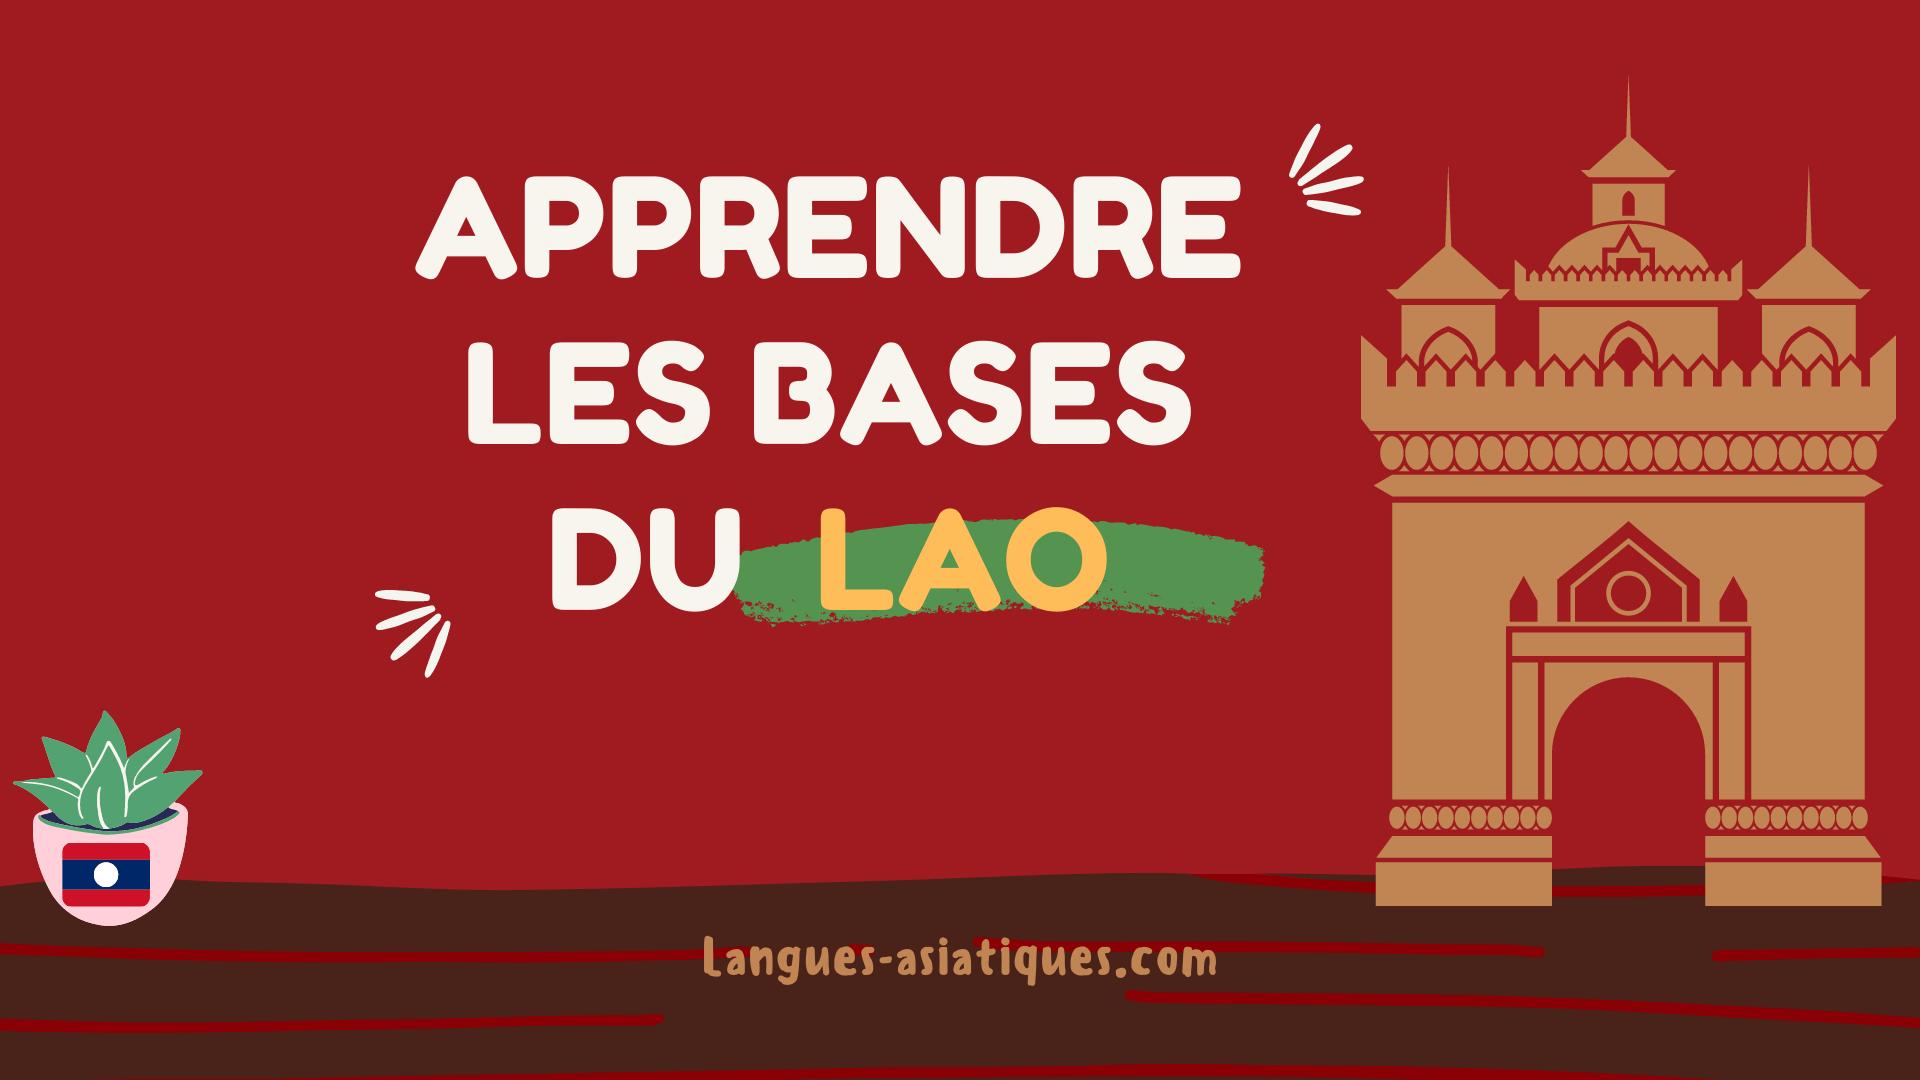 apprendre les bases du lao